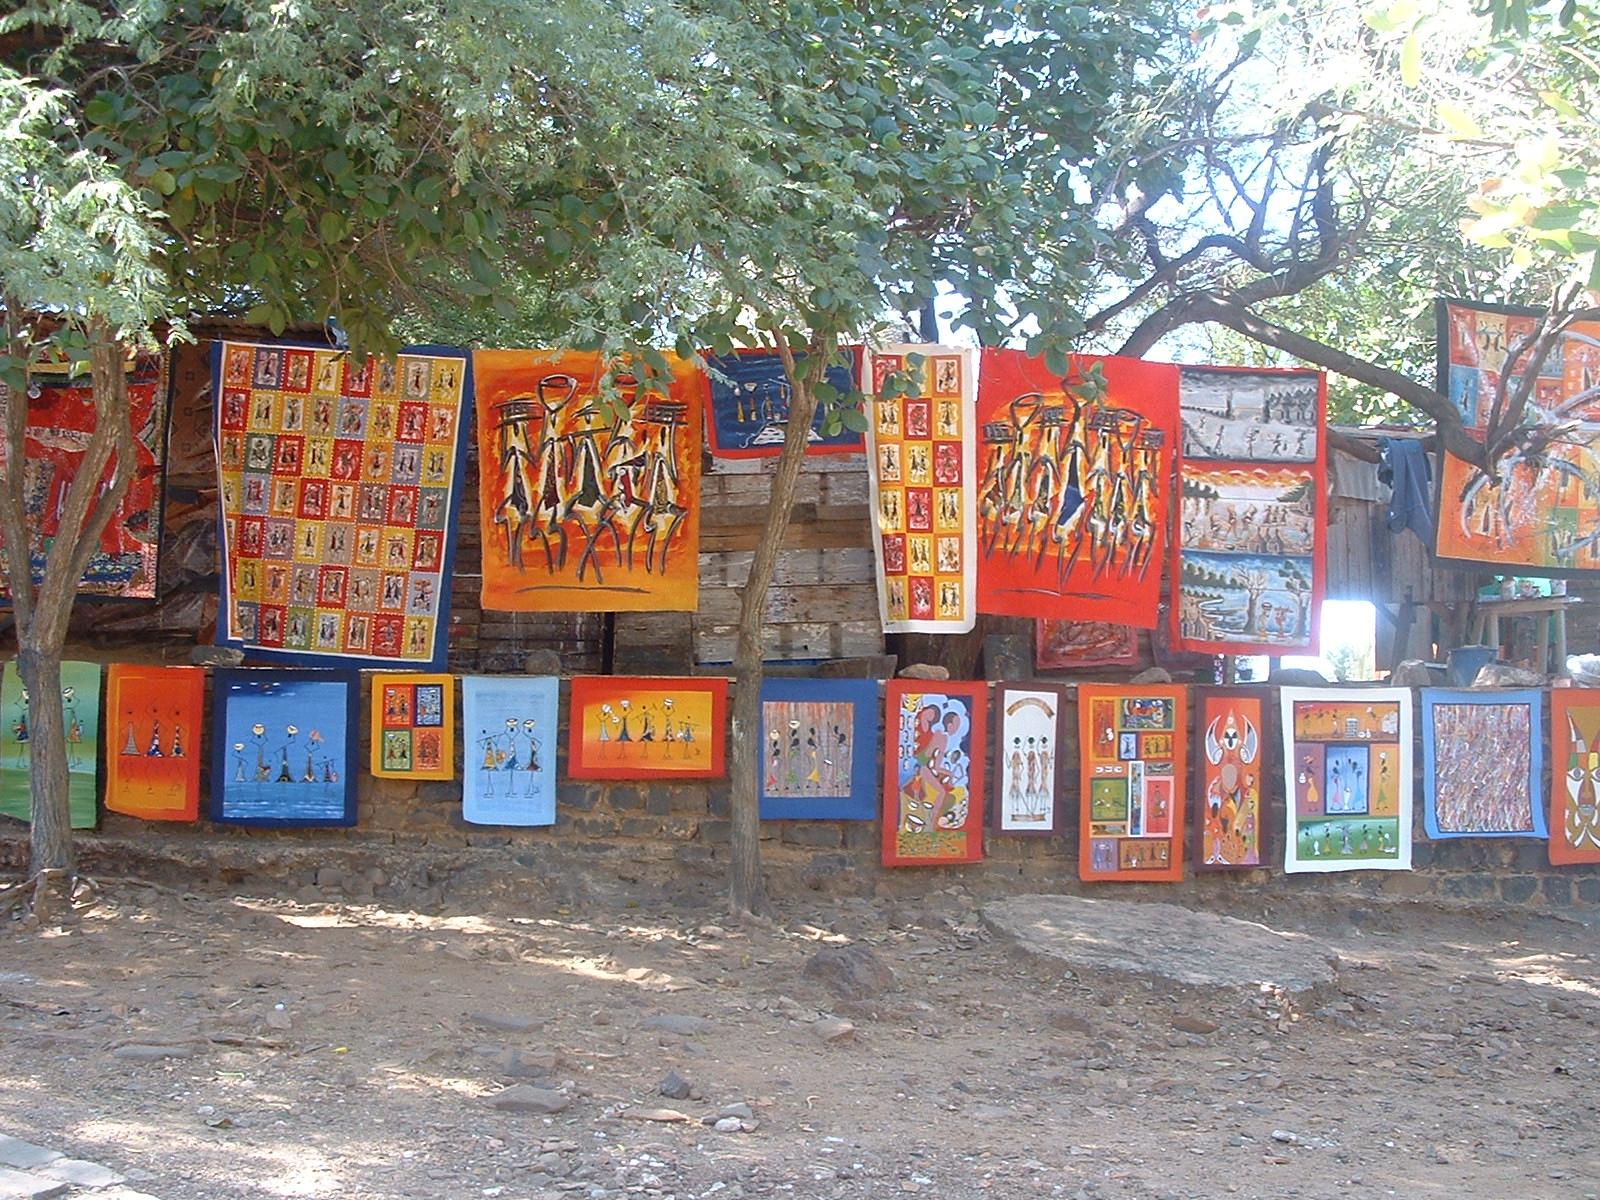 El vendedor de cuadros m s grande del mundo pintura y for Comprar cuadros grandes baratos